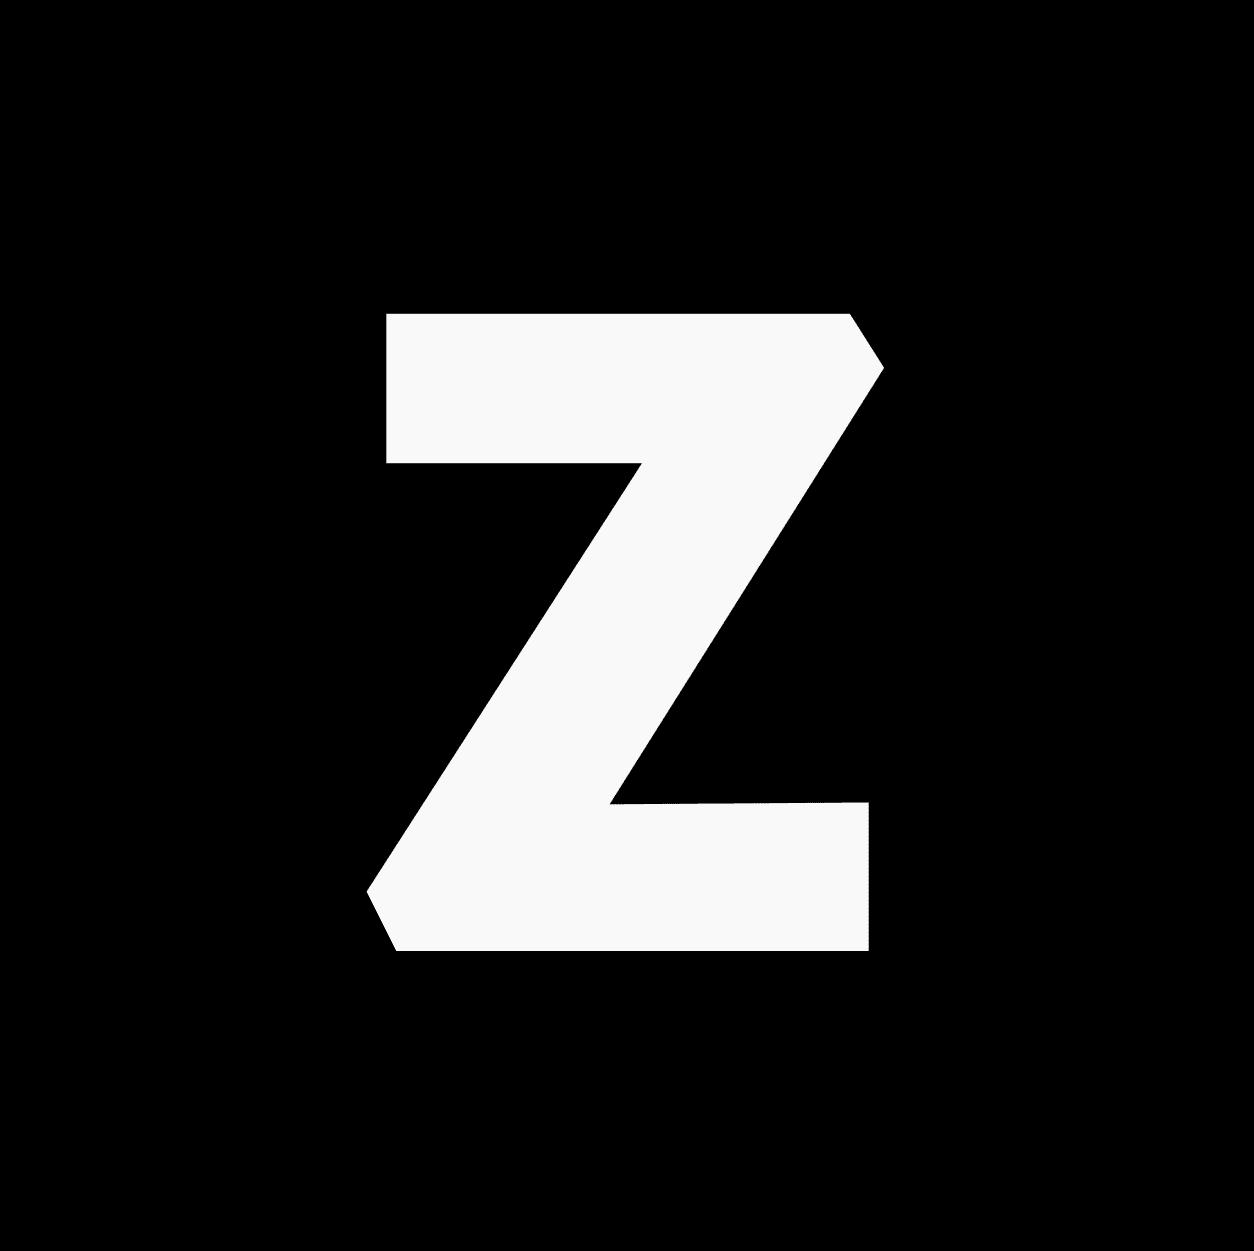 Zebedee icon